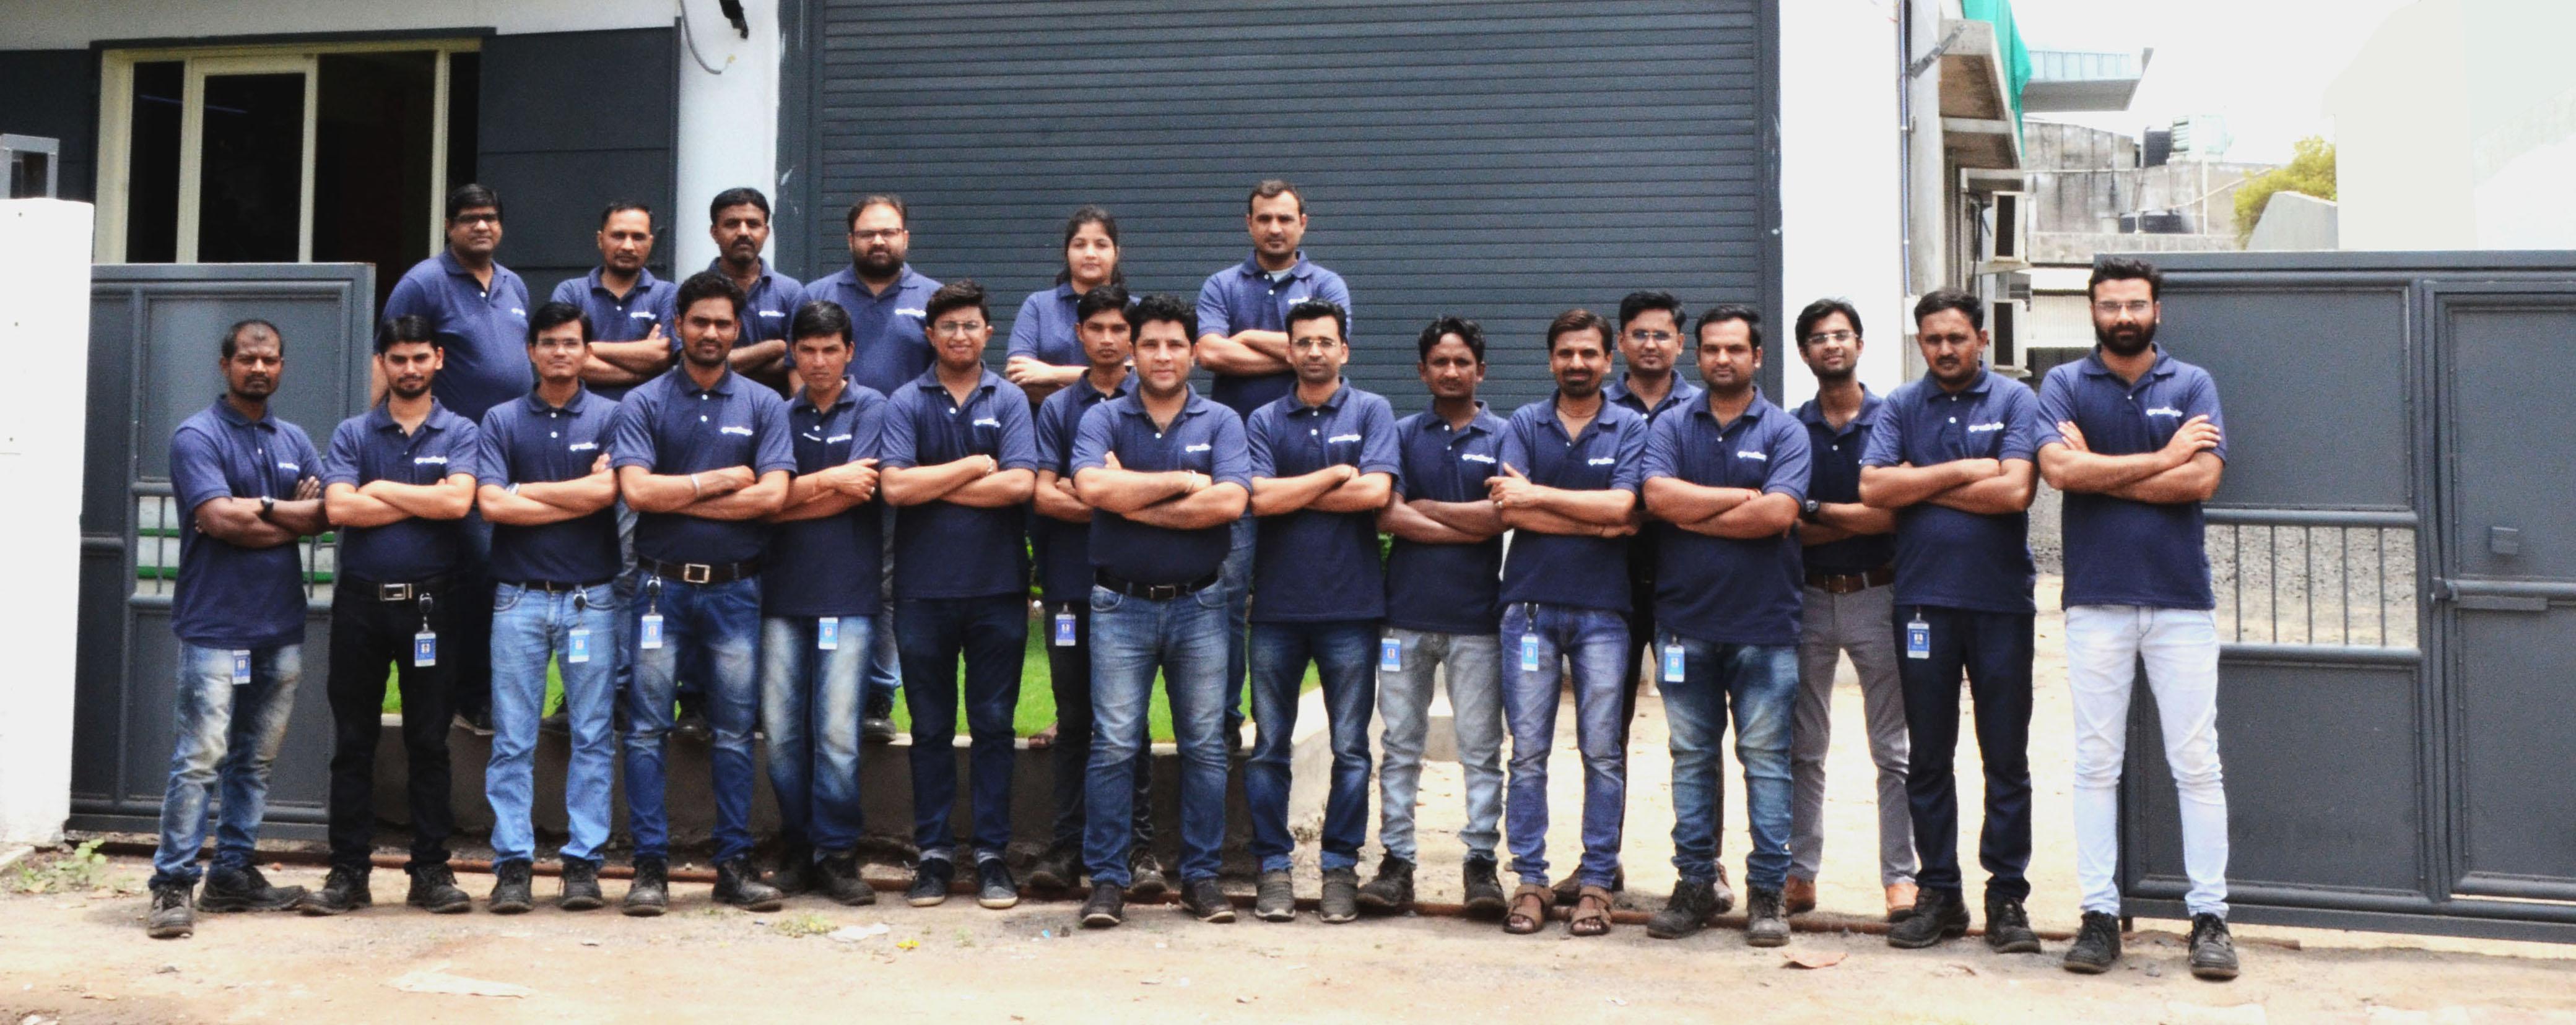 Robotics India Robotic Companies In India Industrial Robots India